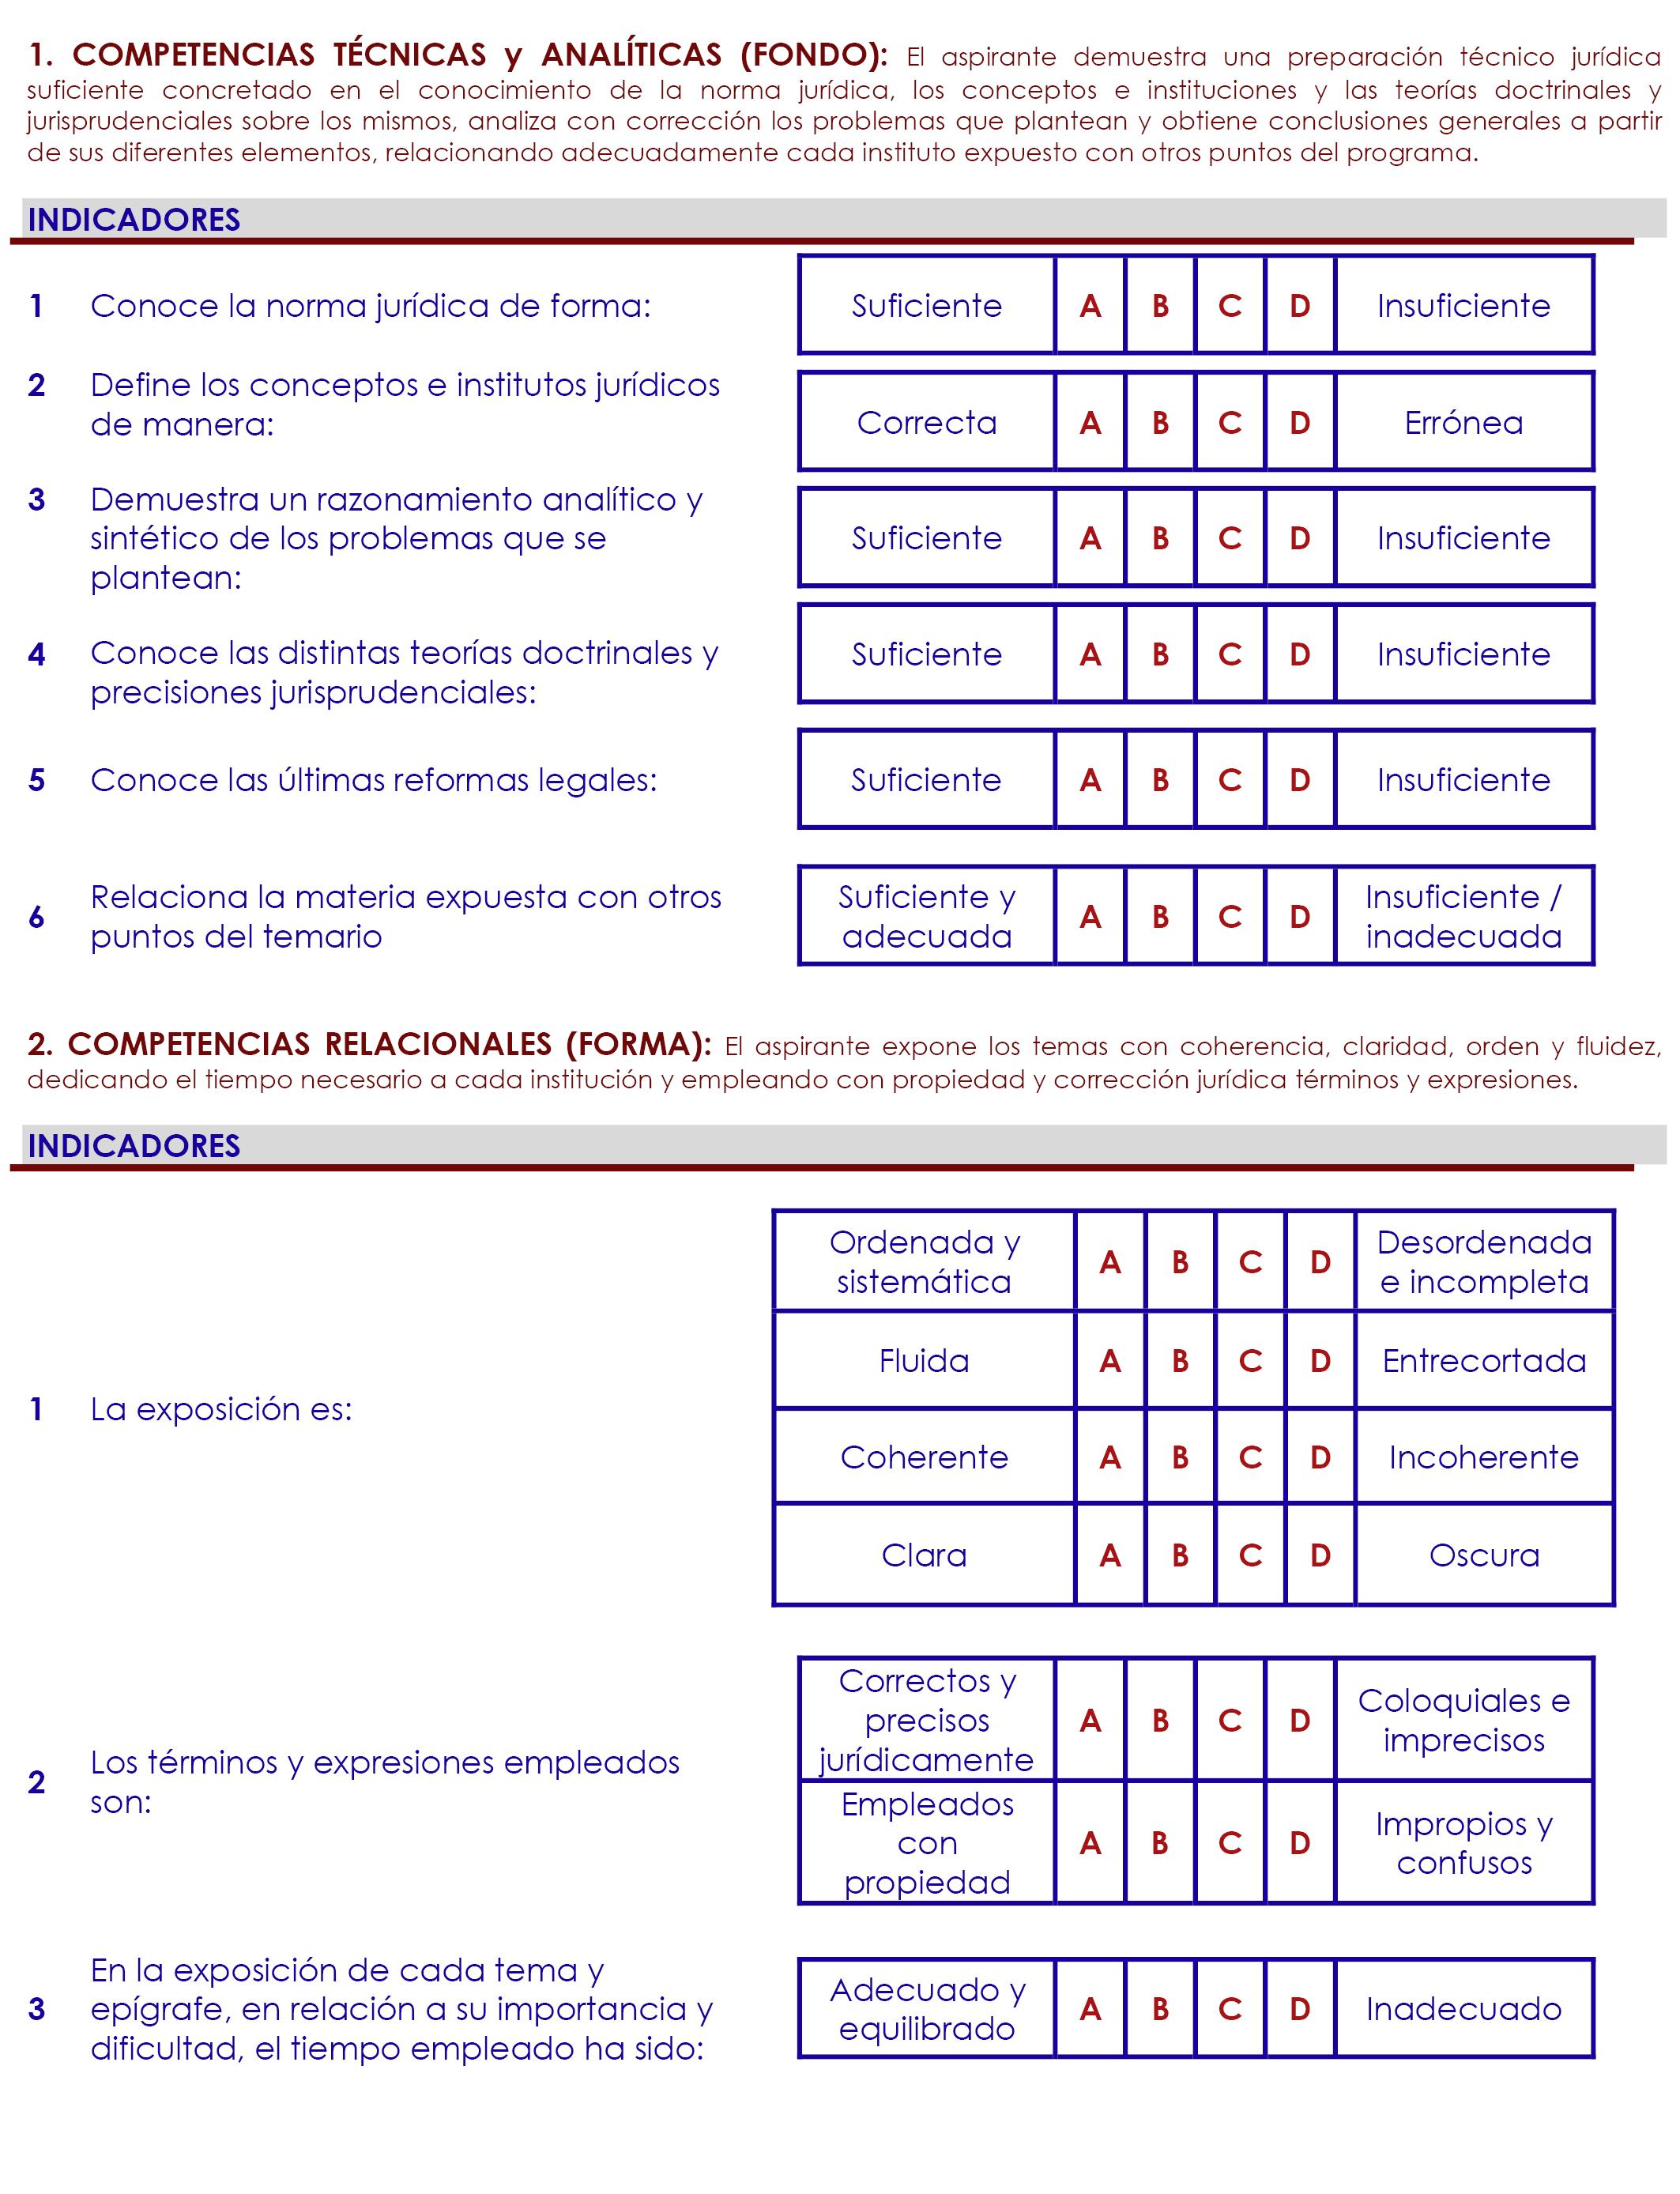 Clausula suelo acuerdo privado clausula suelo acuerdo for Contrato privado para eliminar clausula suelo